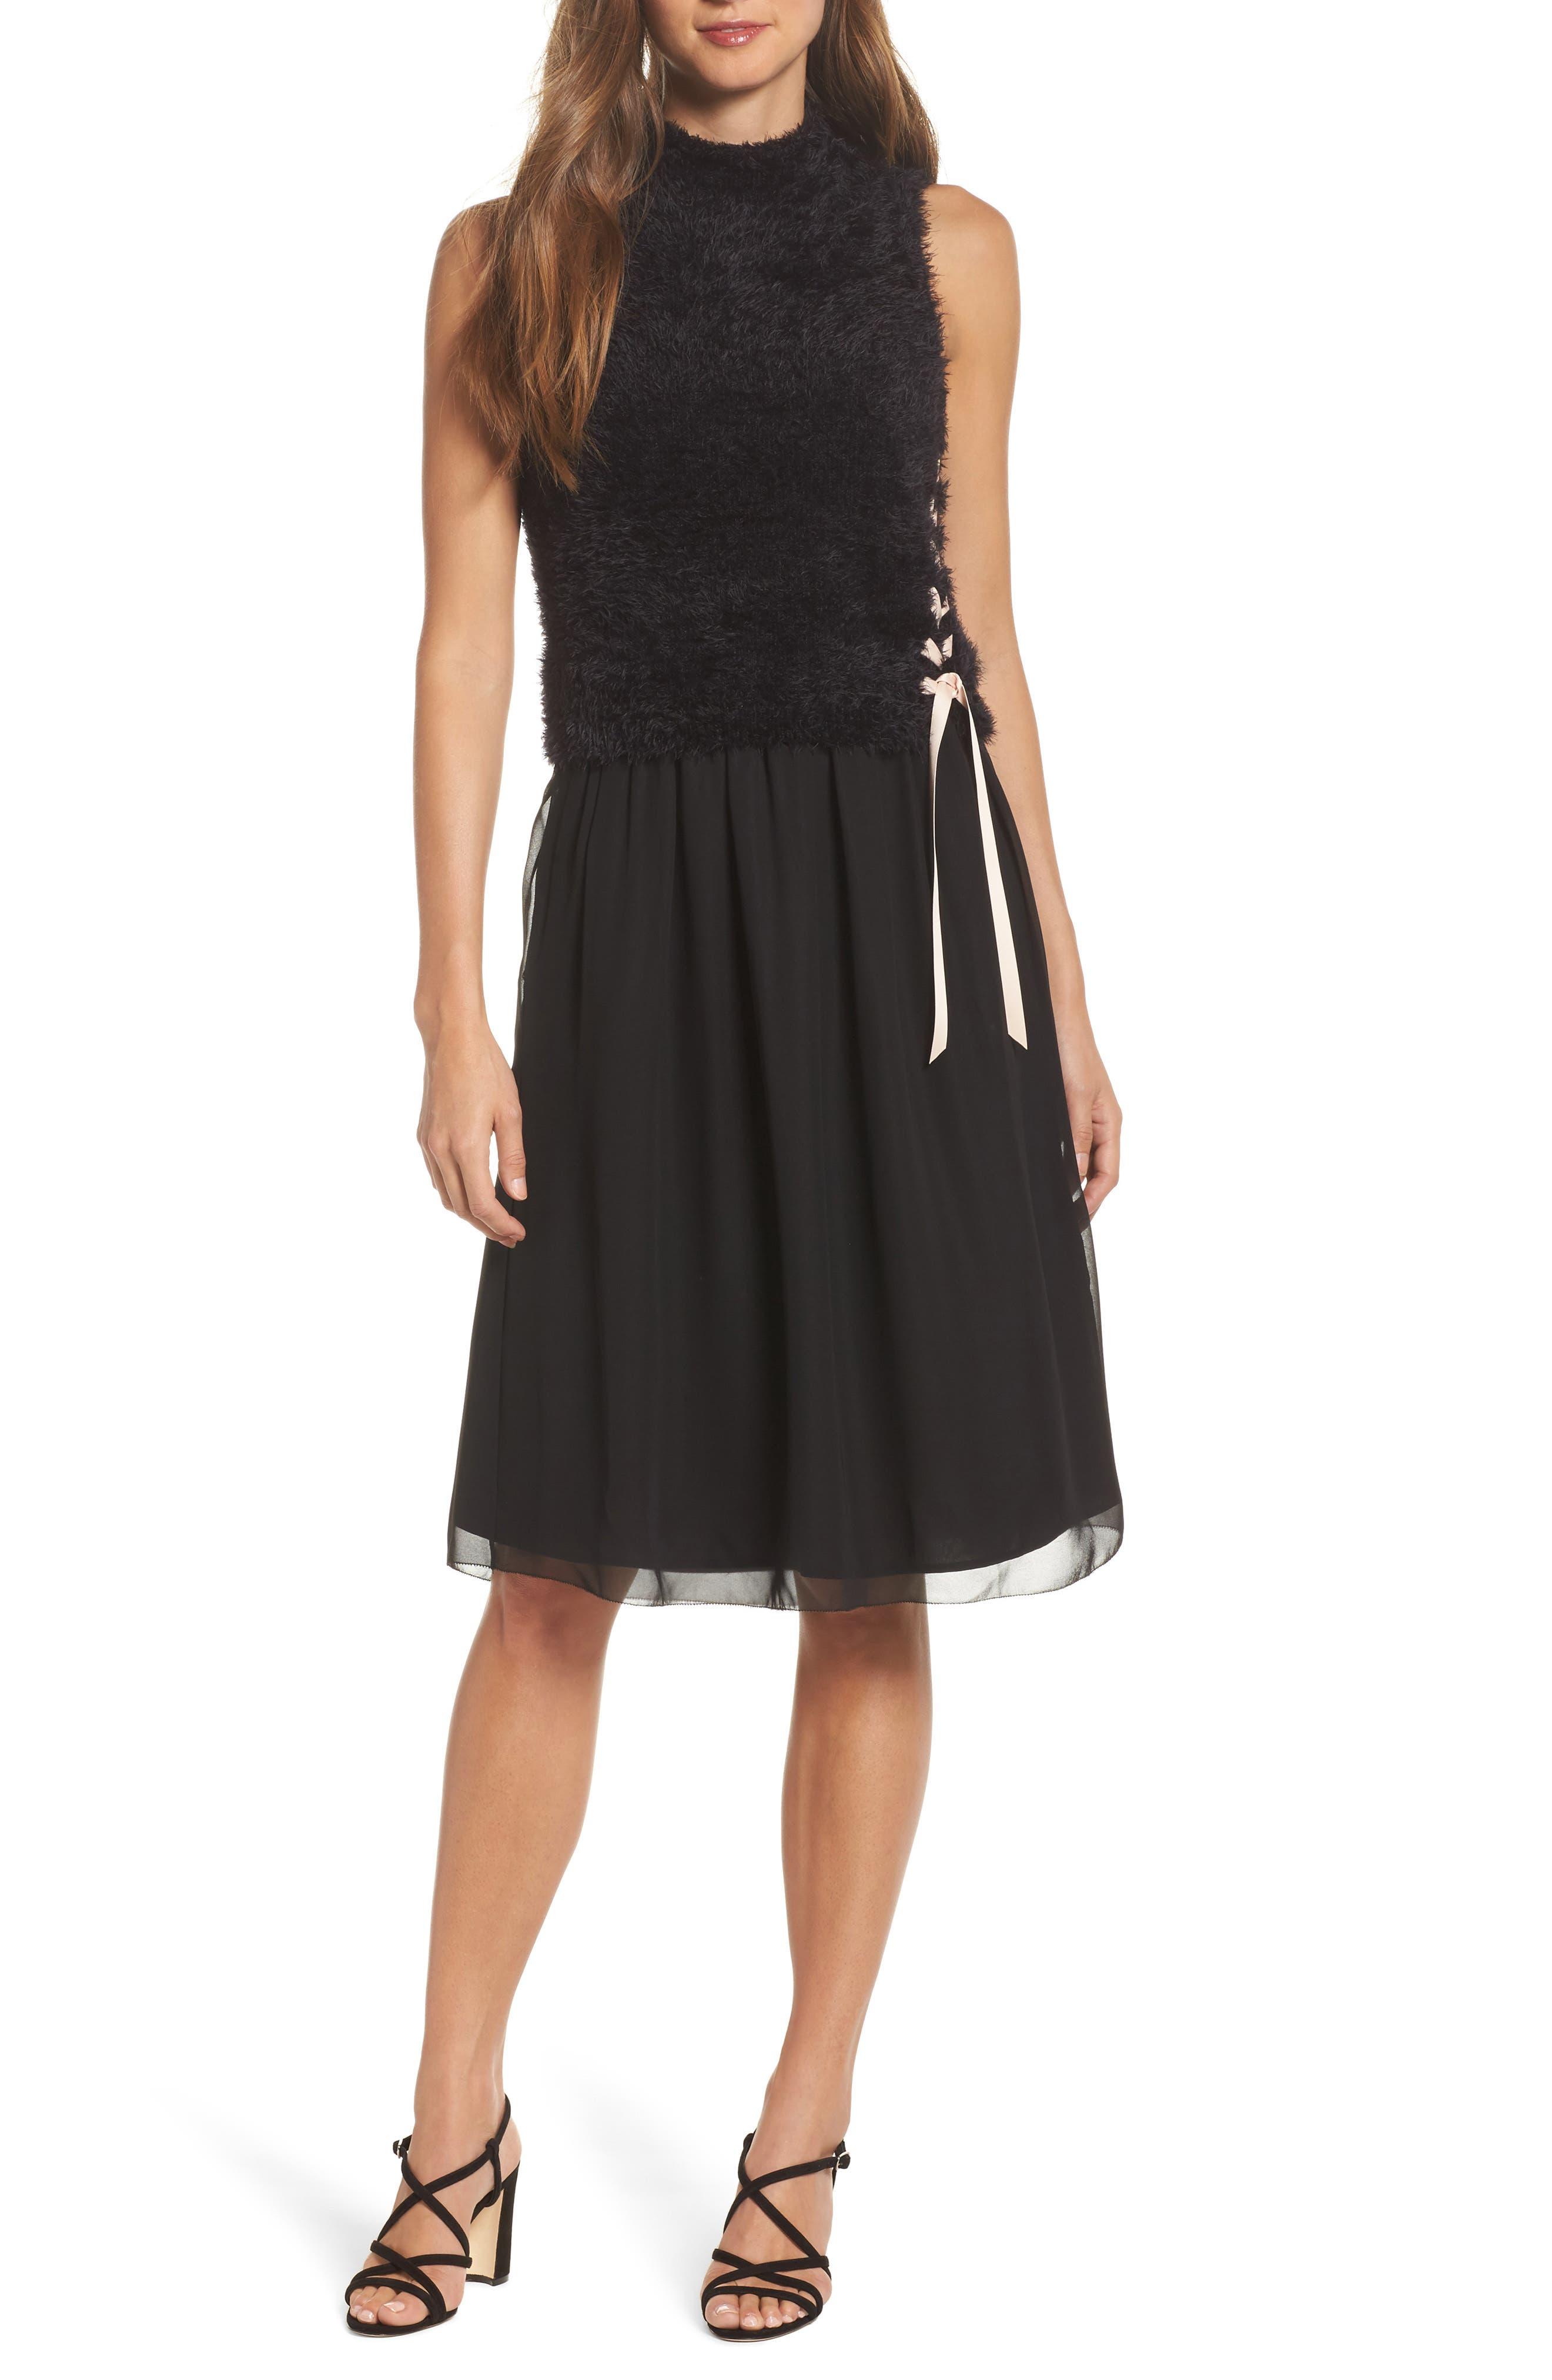 NIC + ZOE Lace-Up Dress